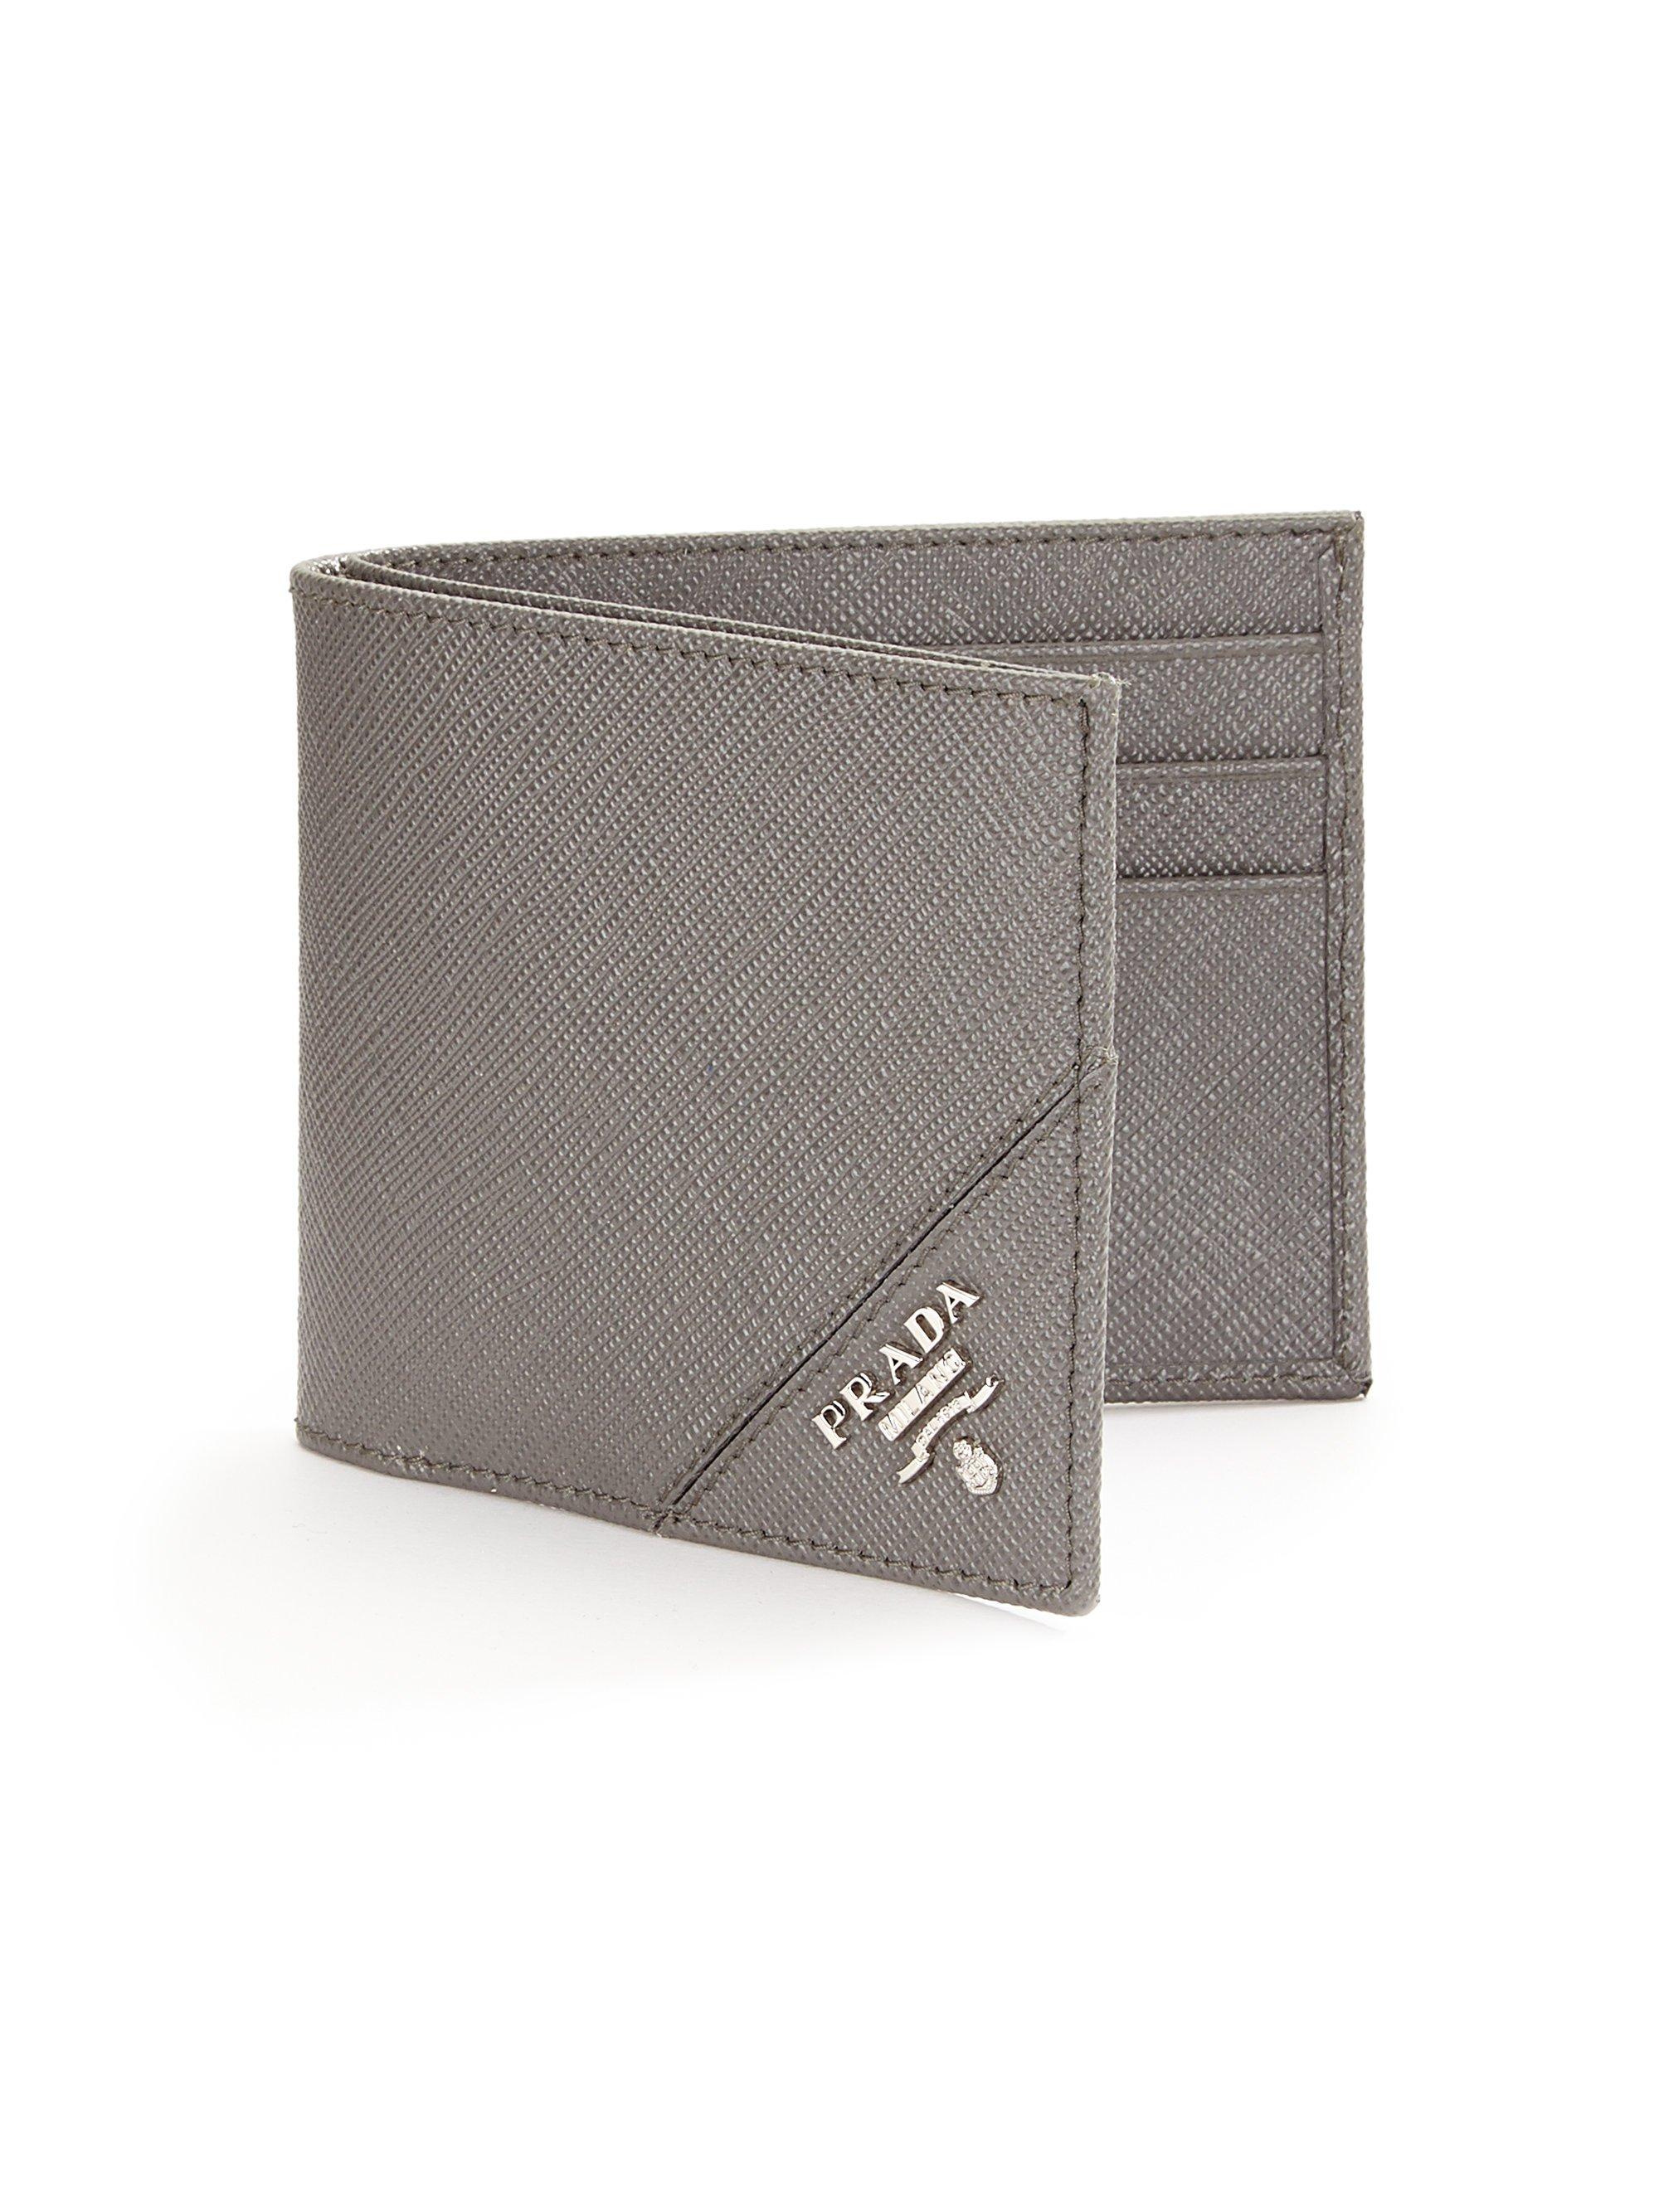 prada multicolor wallet